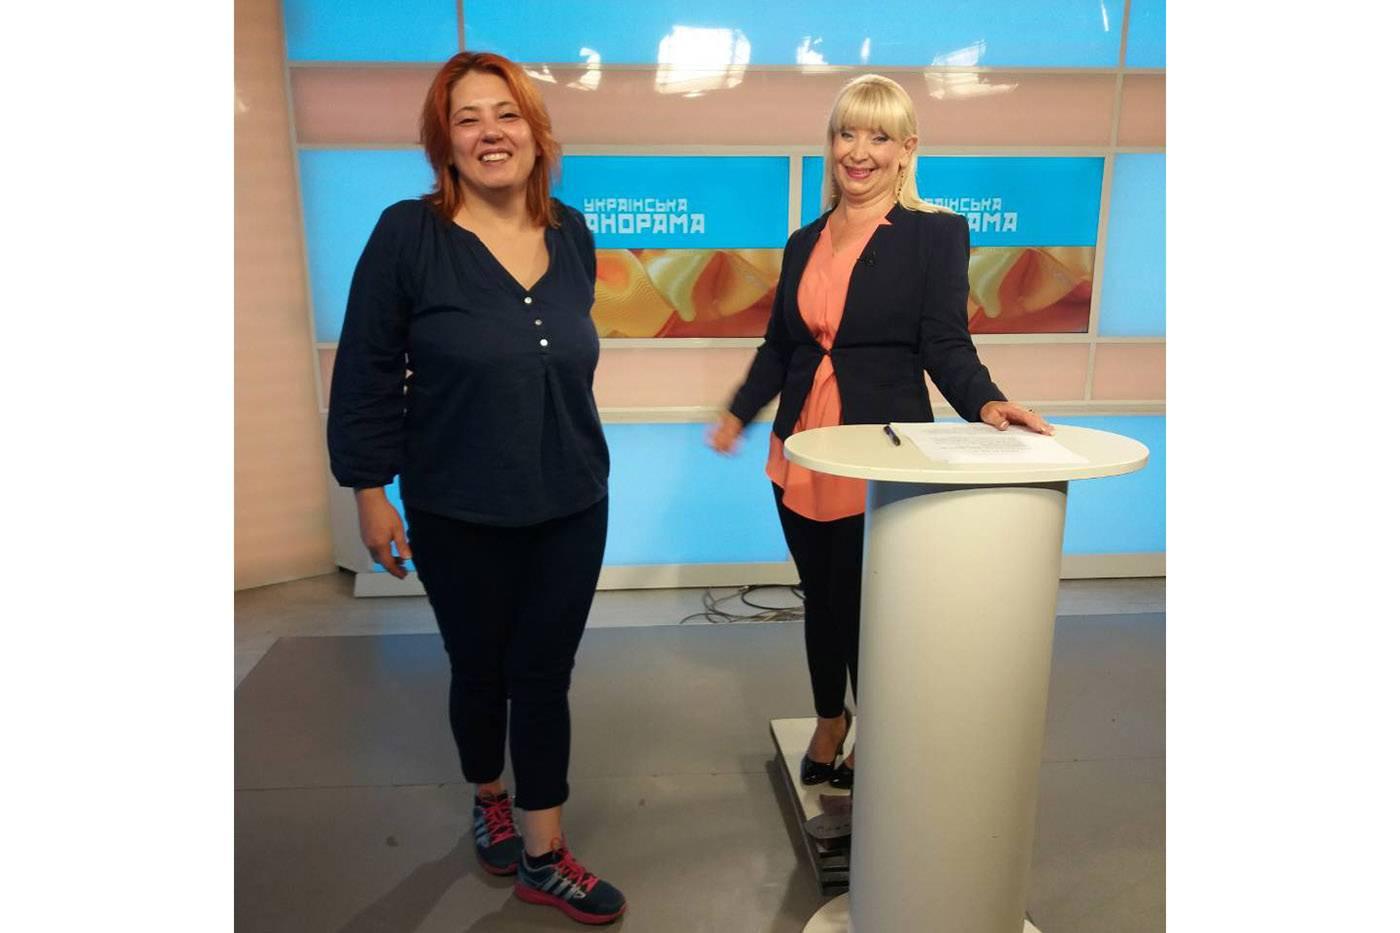 Мария Виславски (справа) работает ведущей на местном телевидении в Новом Саде и украинской рассказывает о событиях, касающихся украинской общины в Сербии